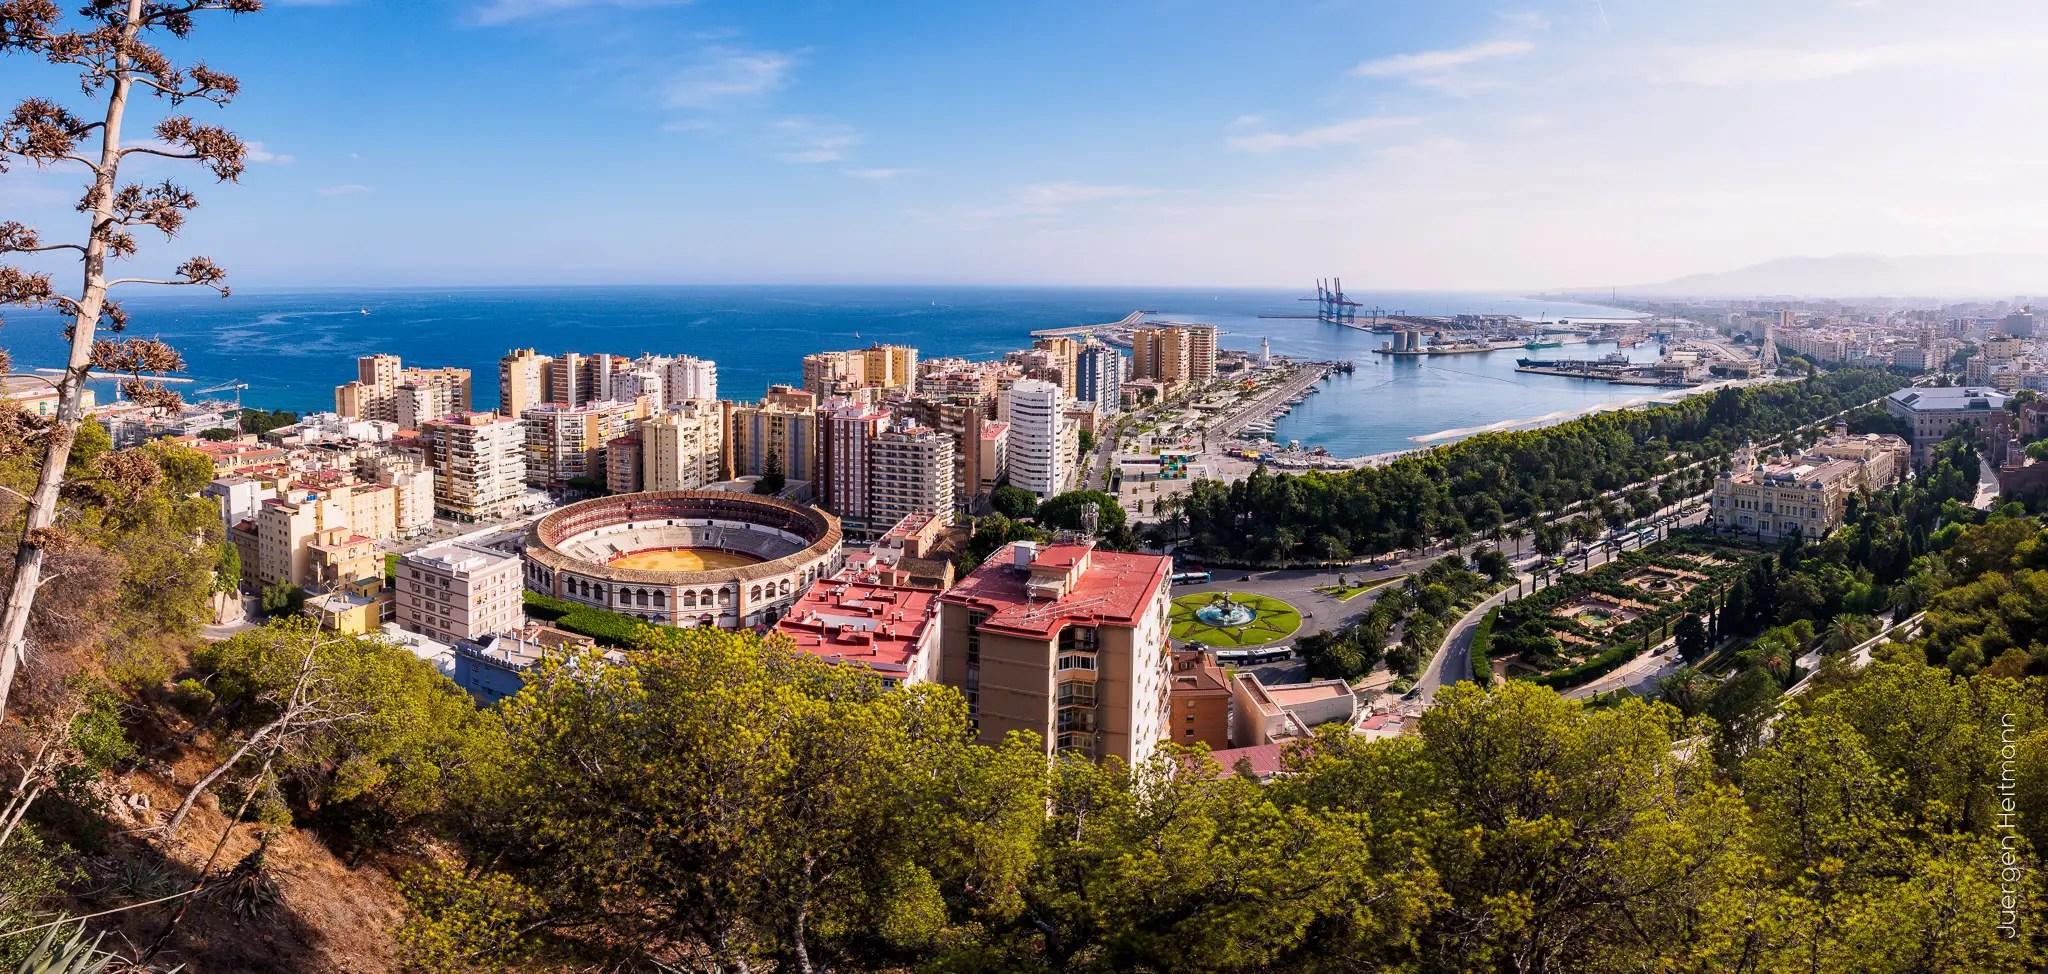 Visit Malaga City